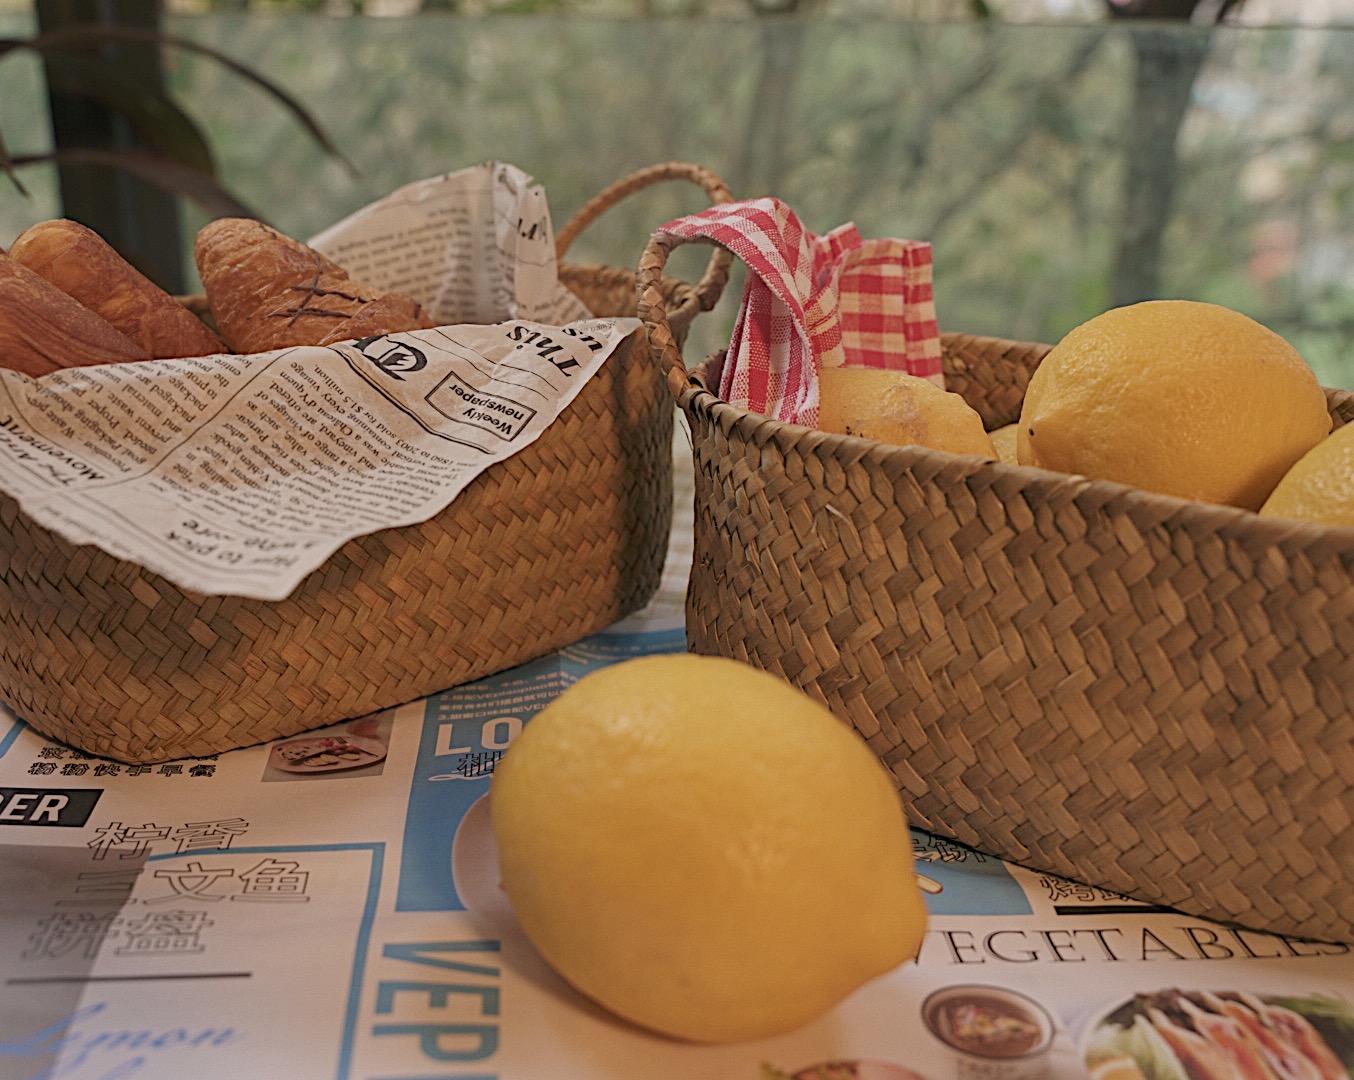 日式ins实用藤编收纳质感篮菜篮水果篮手提篮野餐篮